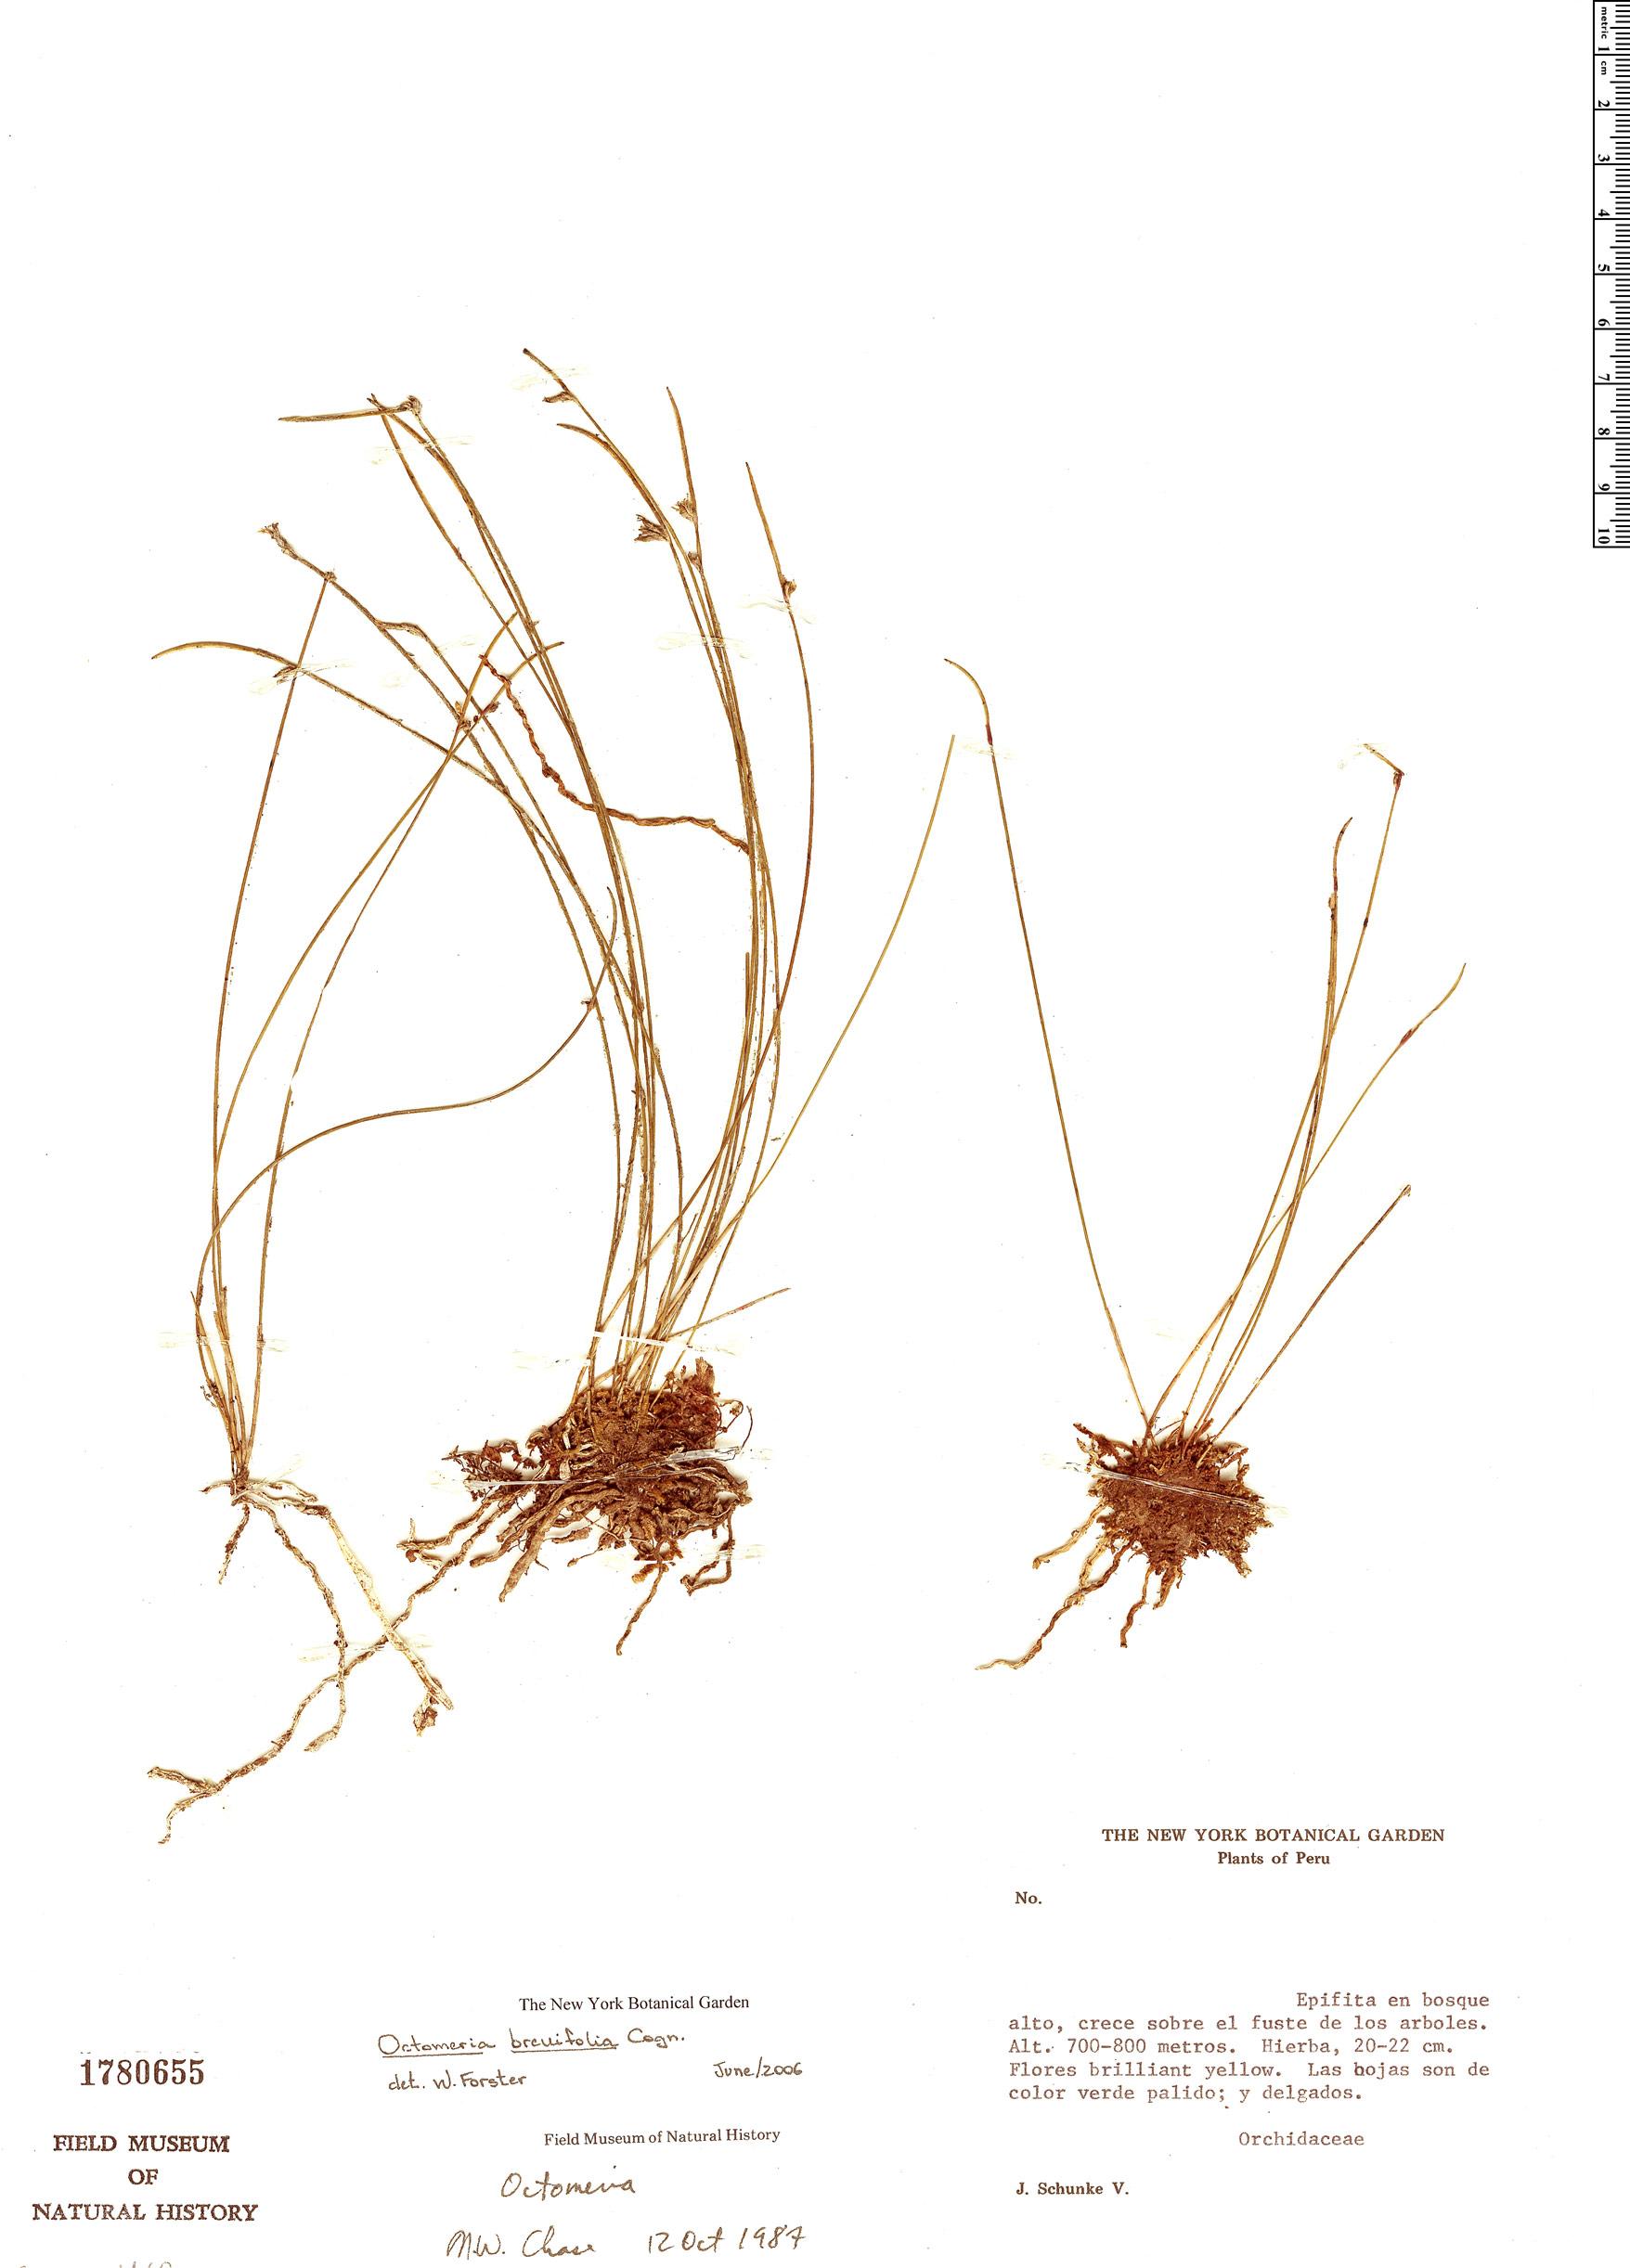 Specimen: Octomeria scirpoidea